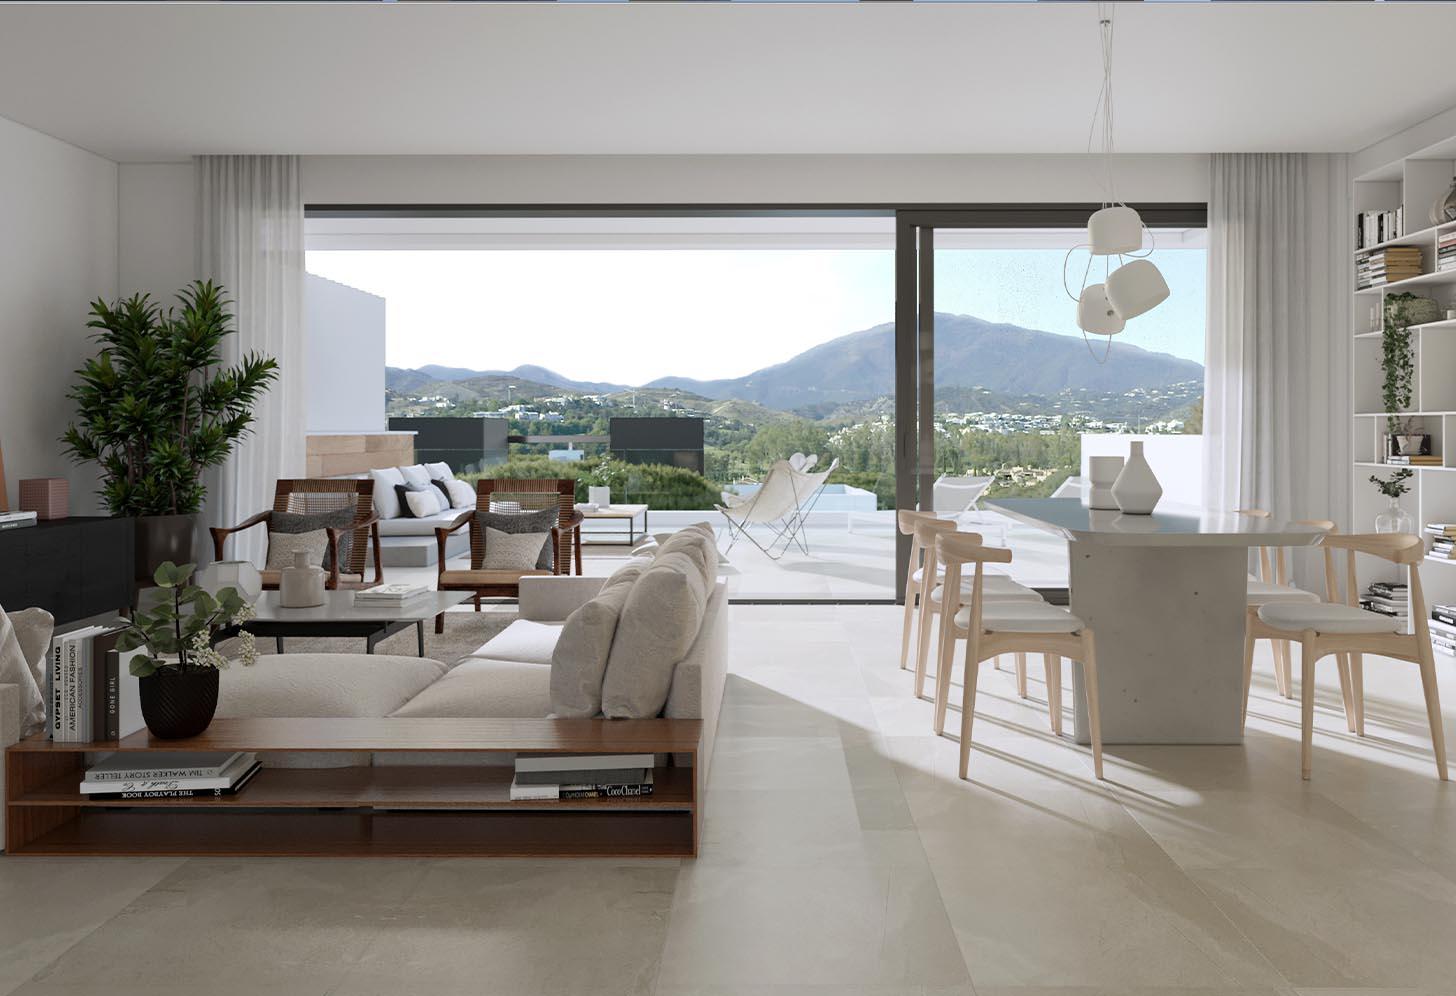 immobilier neuf espagne costa del sol on-e15 serene atalaya salon 2